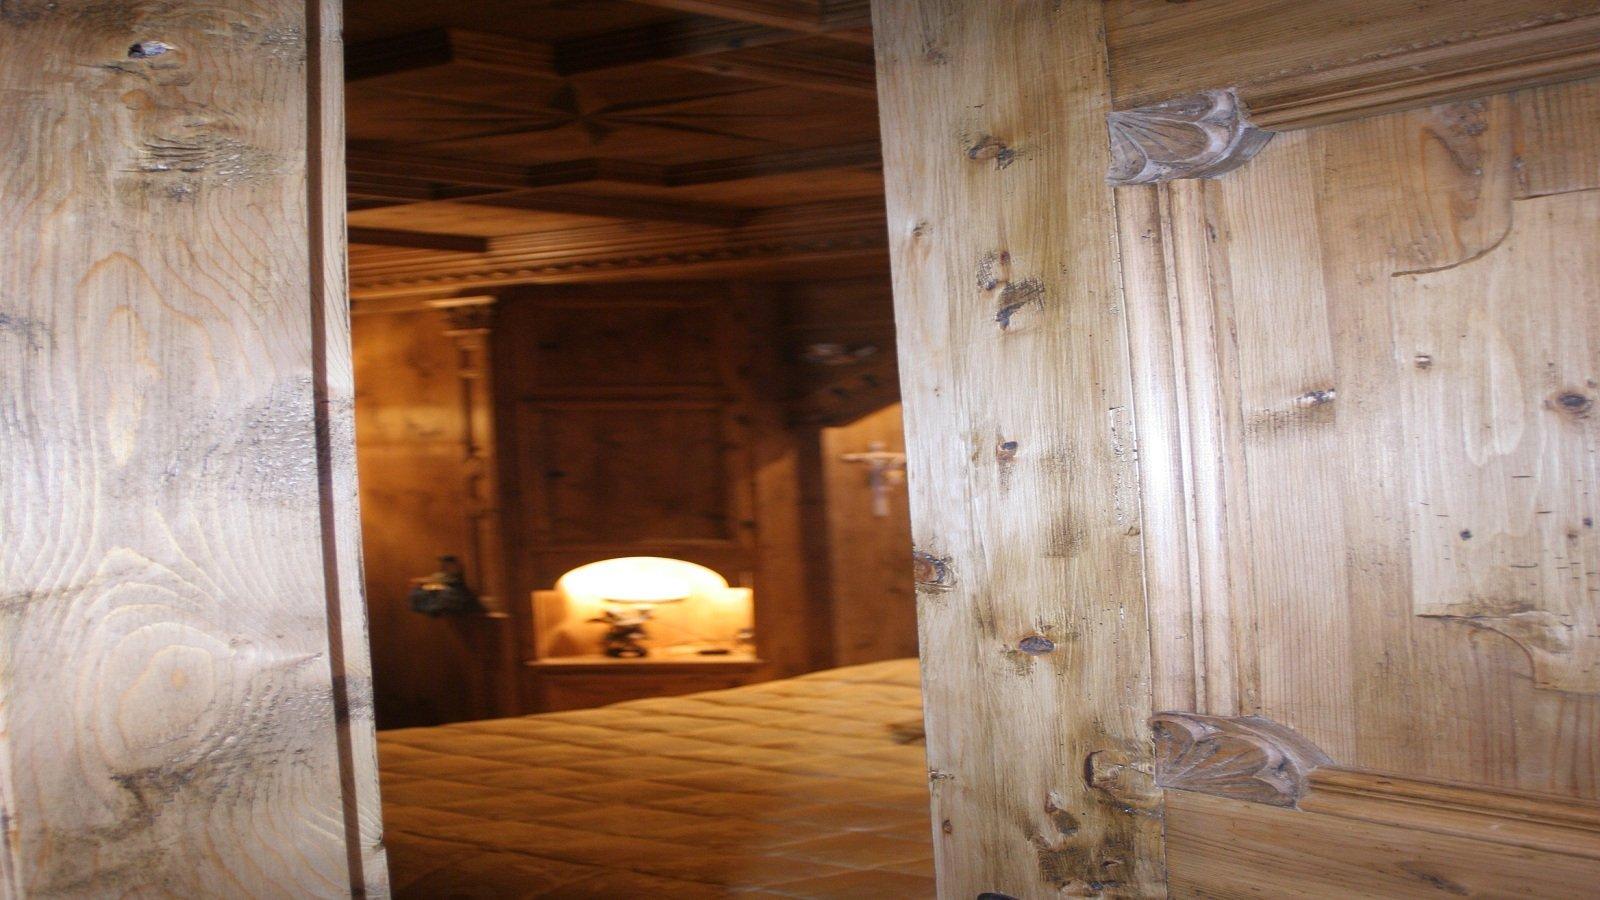 una porta socchiusa e l'interno di una camera da letto in legno